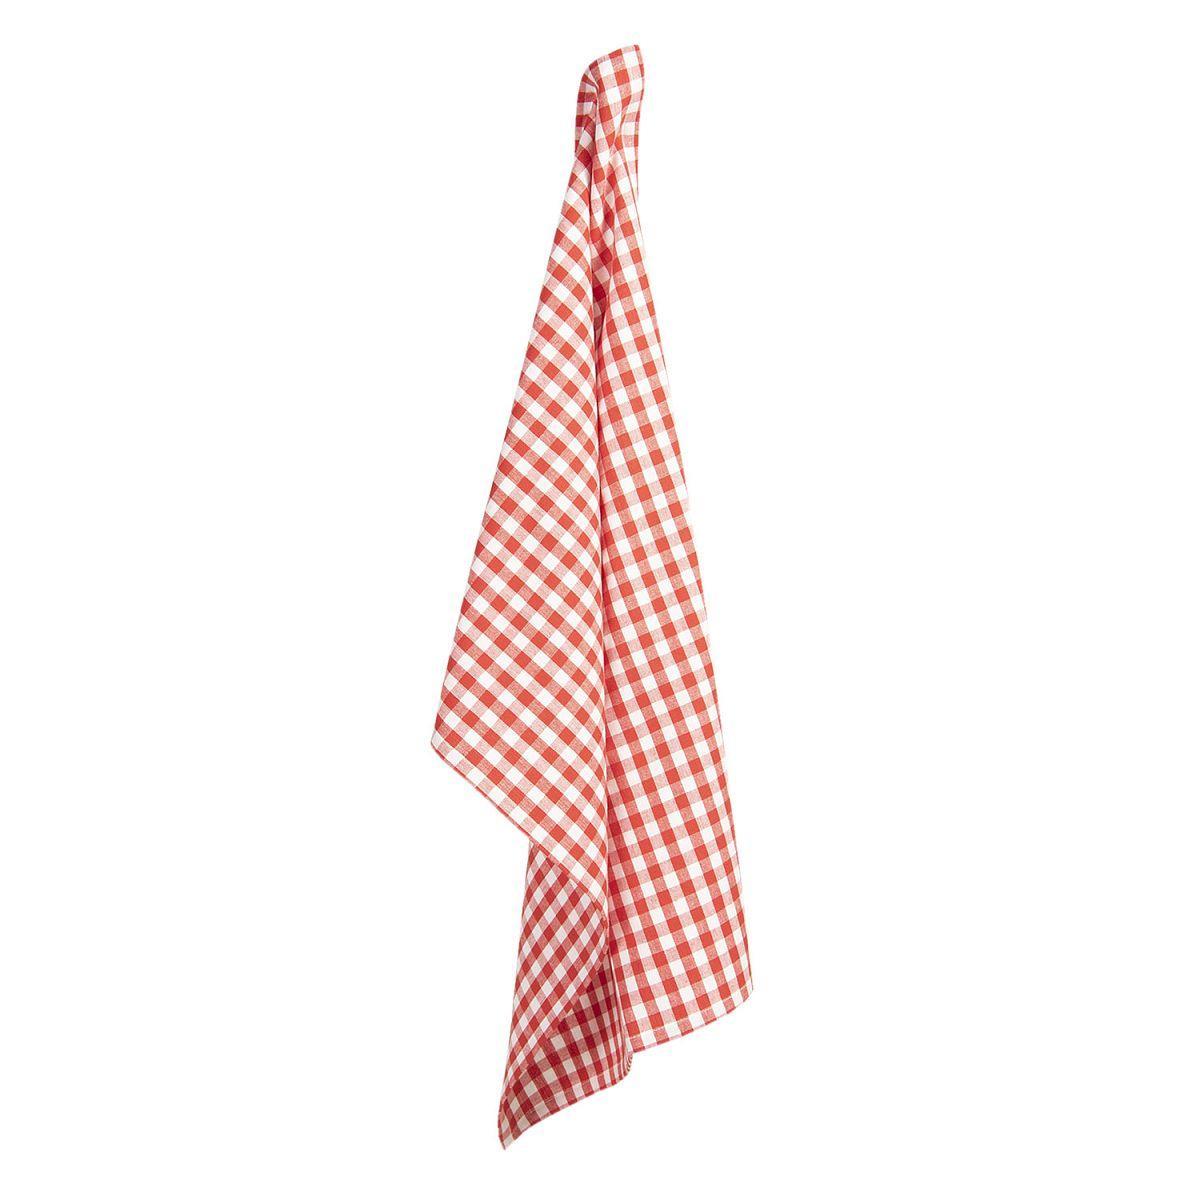 Kuchyňská utěrka APPLE YARD 50*70 cm